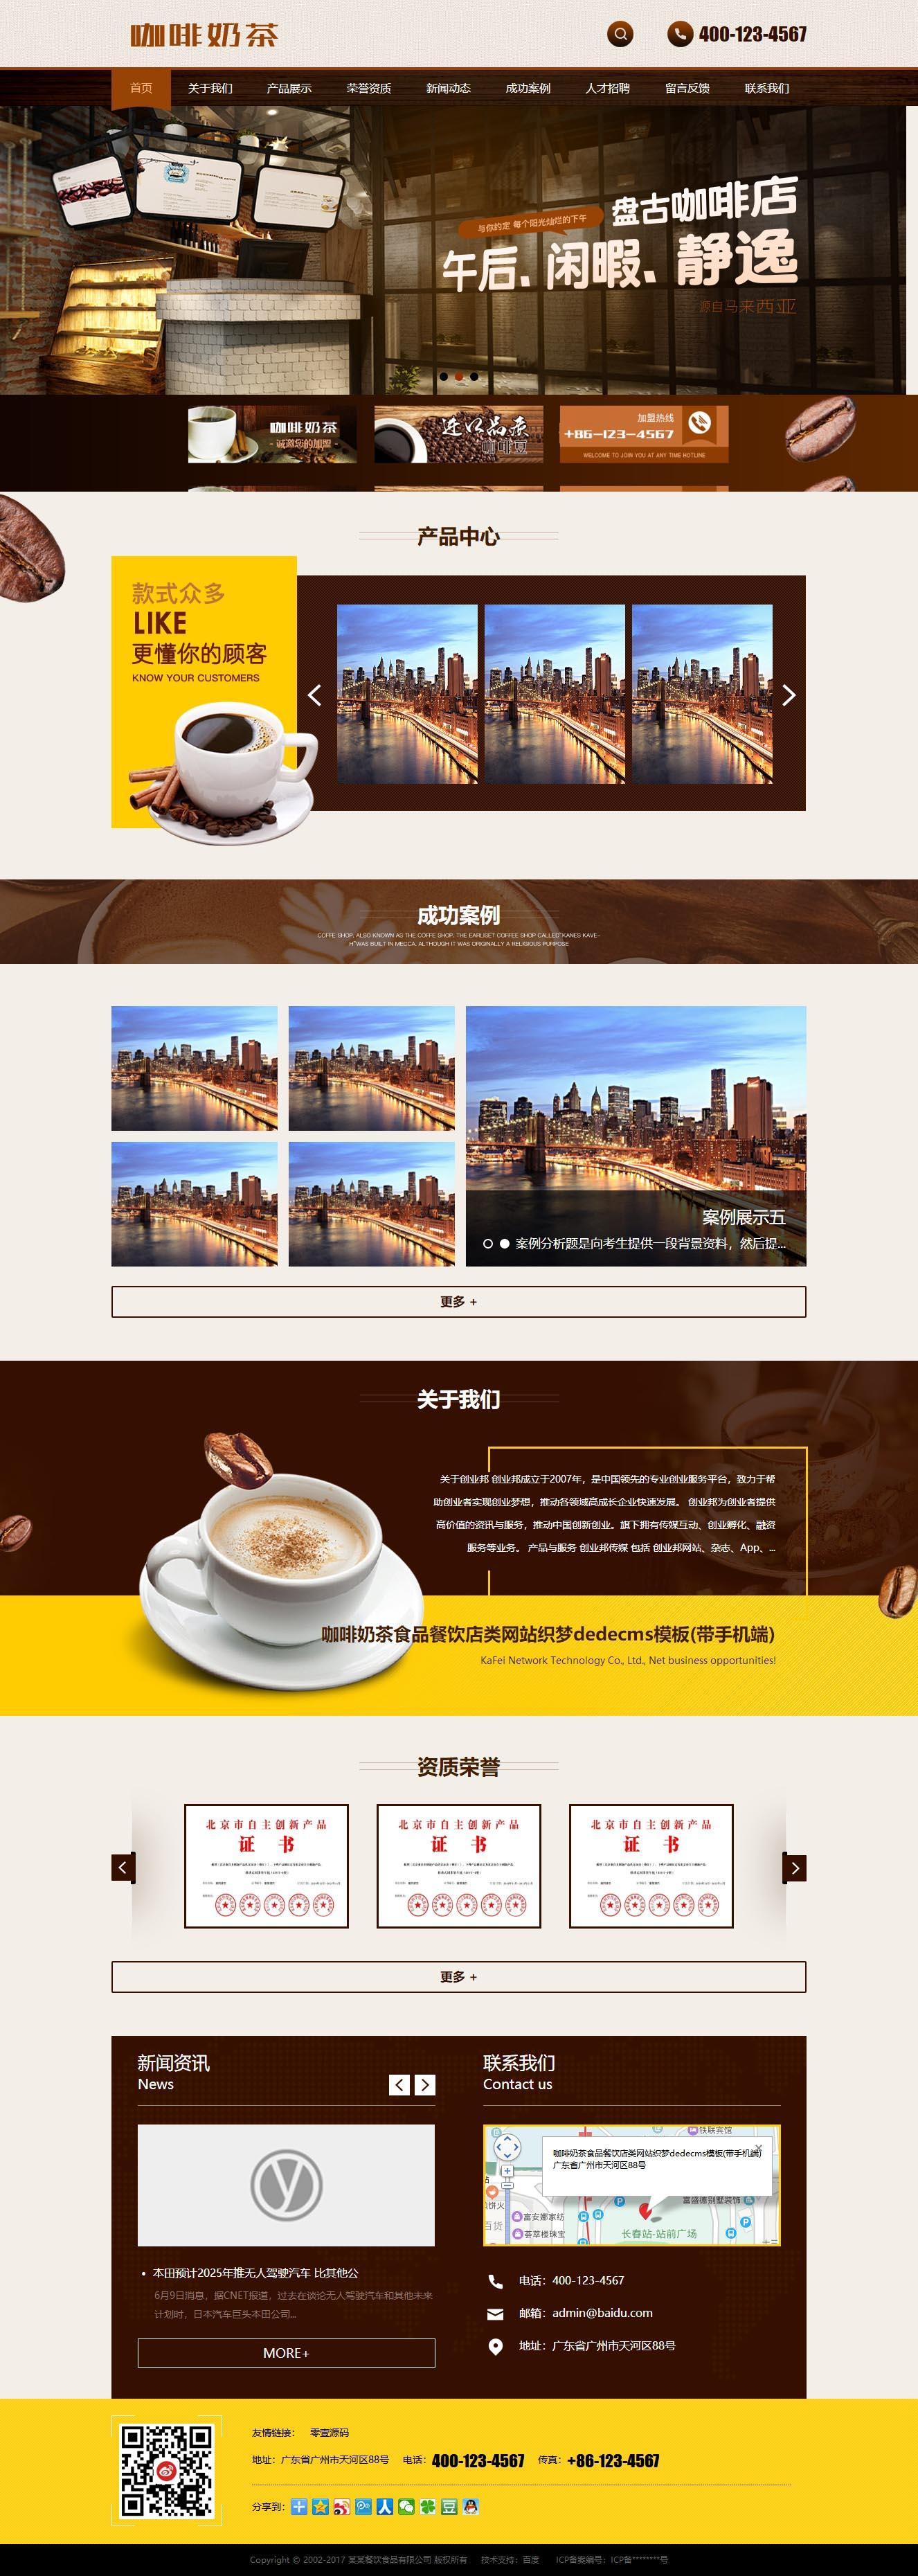 咖啡奶茶食品餐饮店类网站织梦dedecms模板(带手机端)